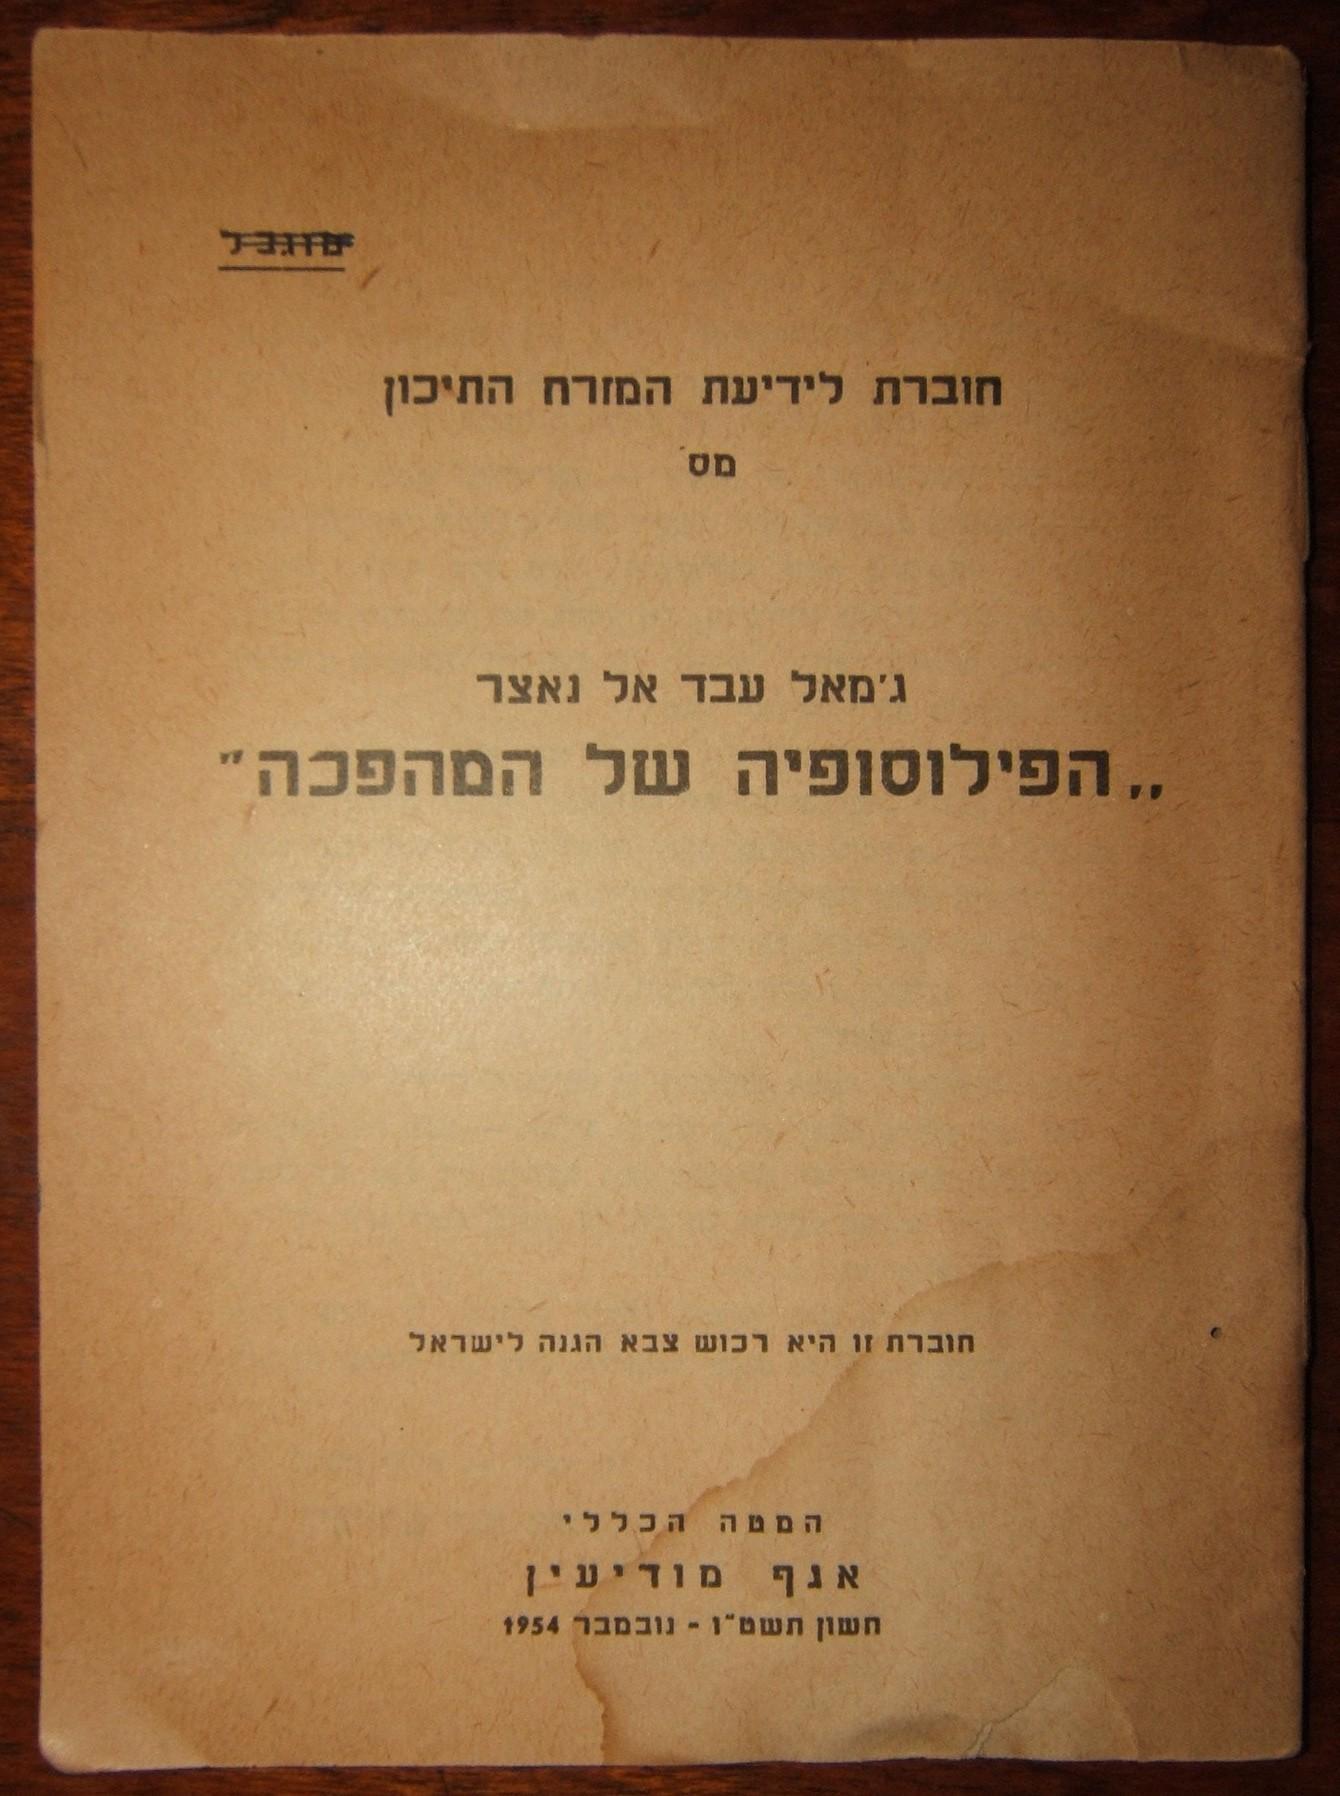 IDF Nachrichten Korps Übersetzung von Nassers 'Philosophy of Revolution', 1954